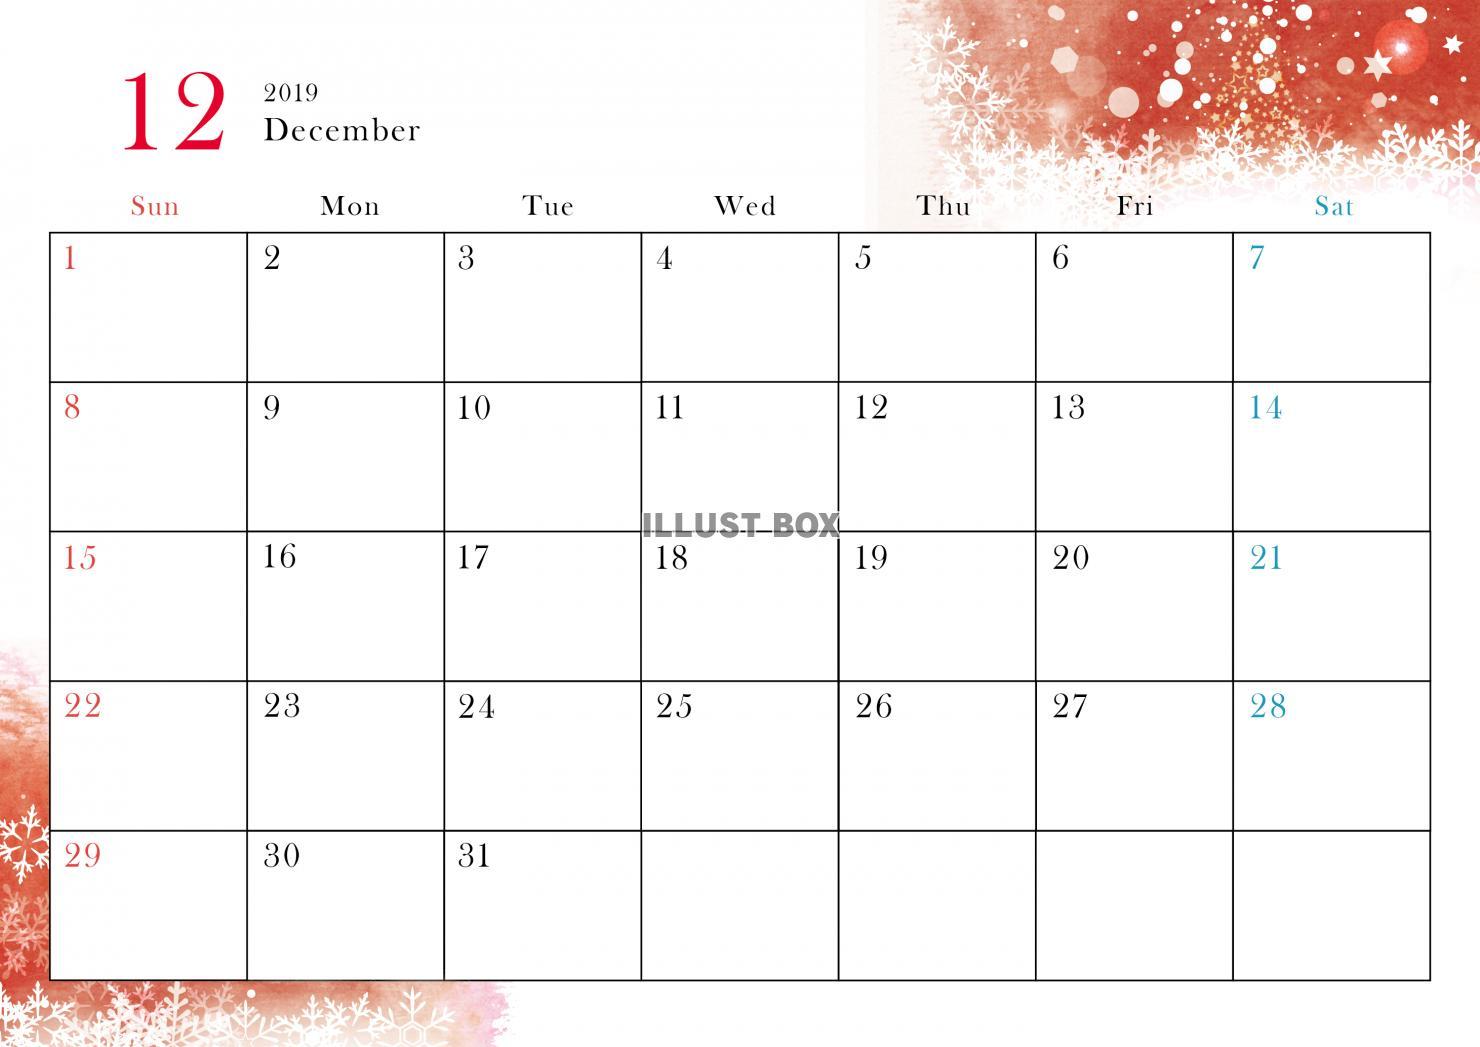 無料イラスト 2019年カレンダー 季節イラスト入り 12月